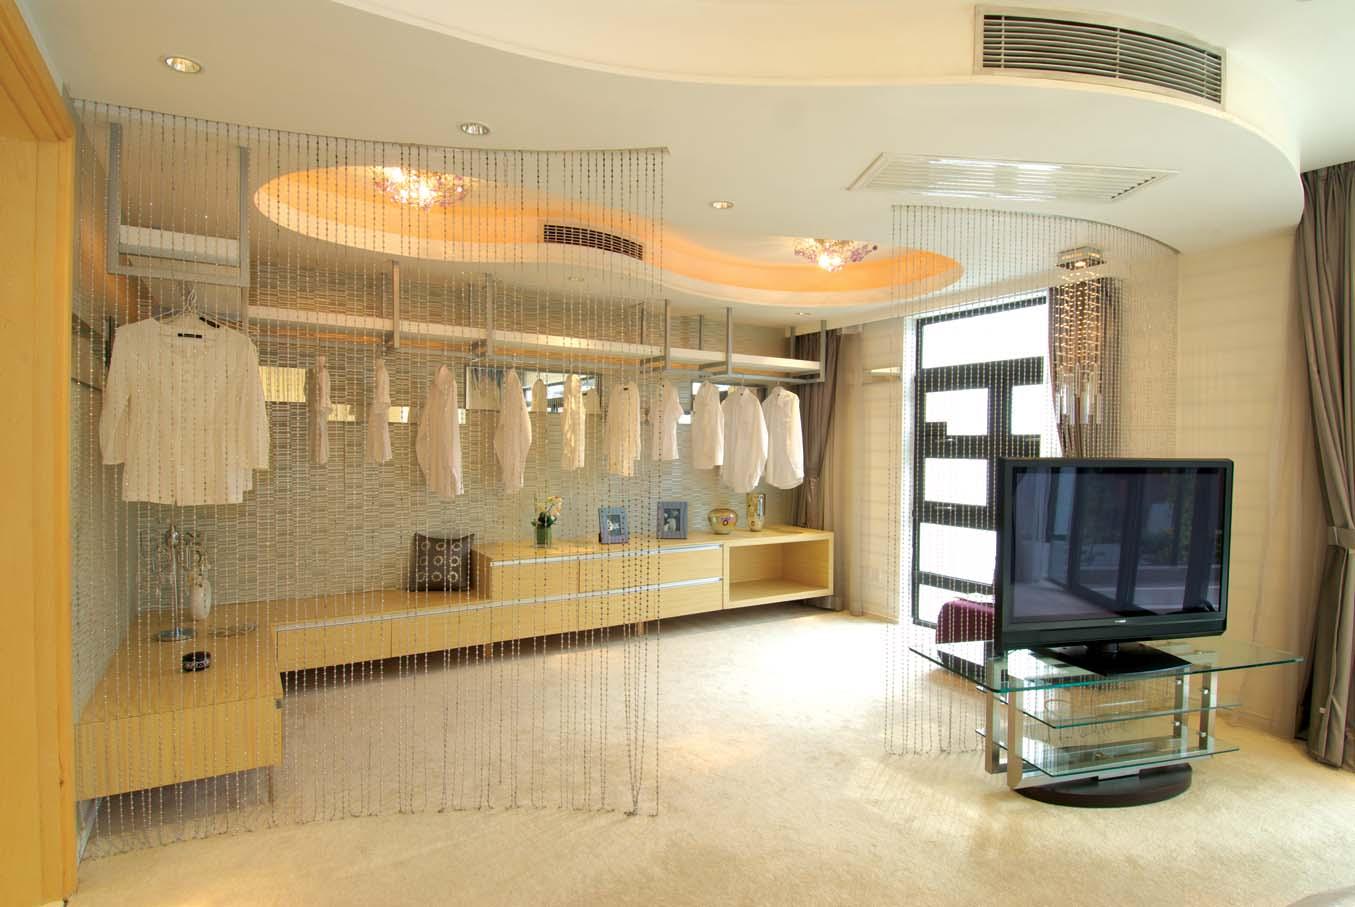 衣帽间图片来自成都龙发装饰公司在置信牧山丽景 现代风格设计的分享